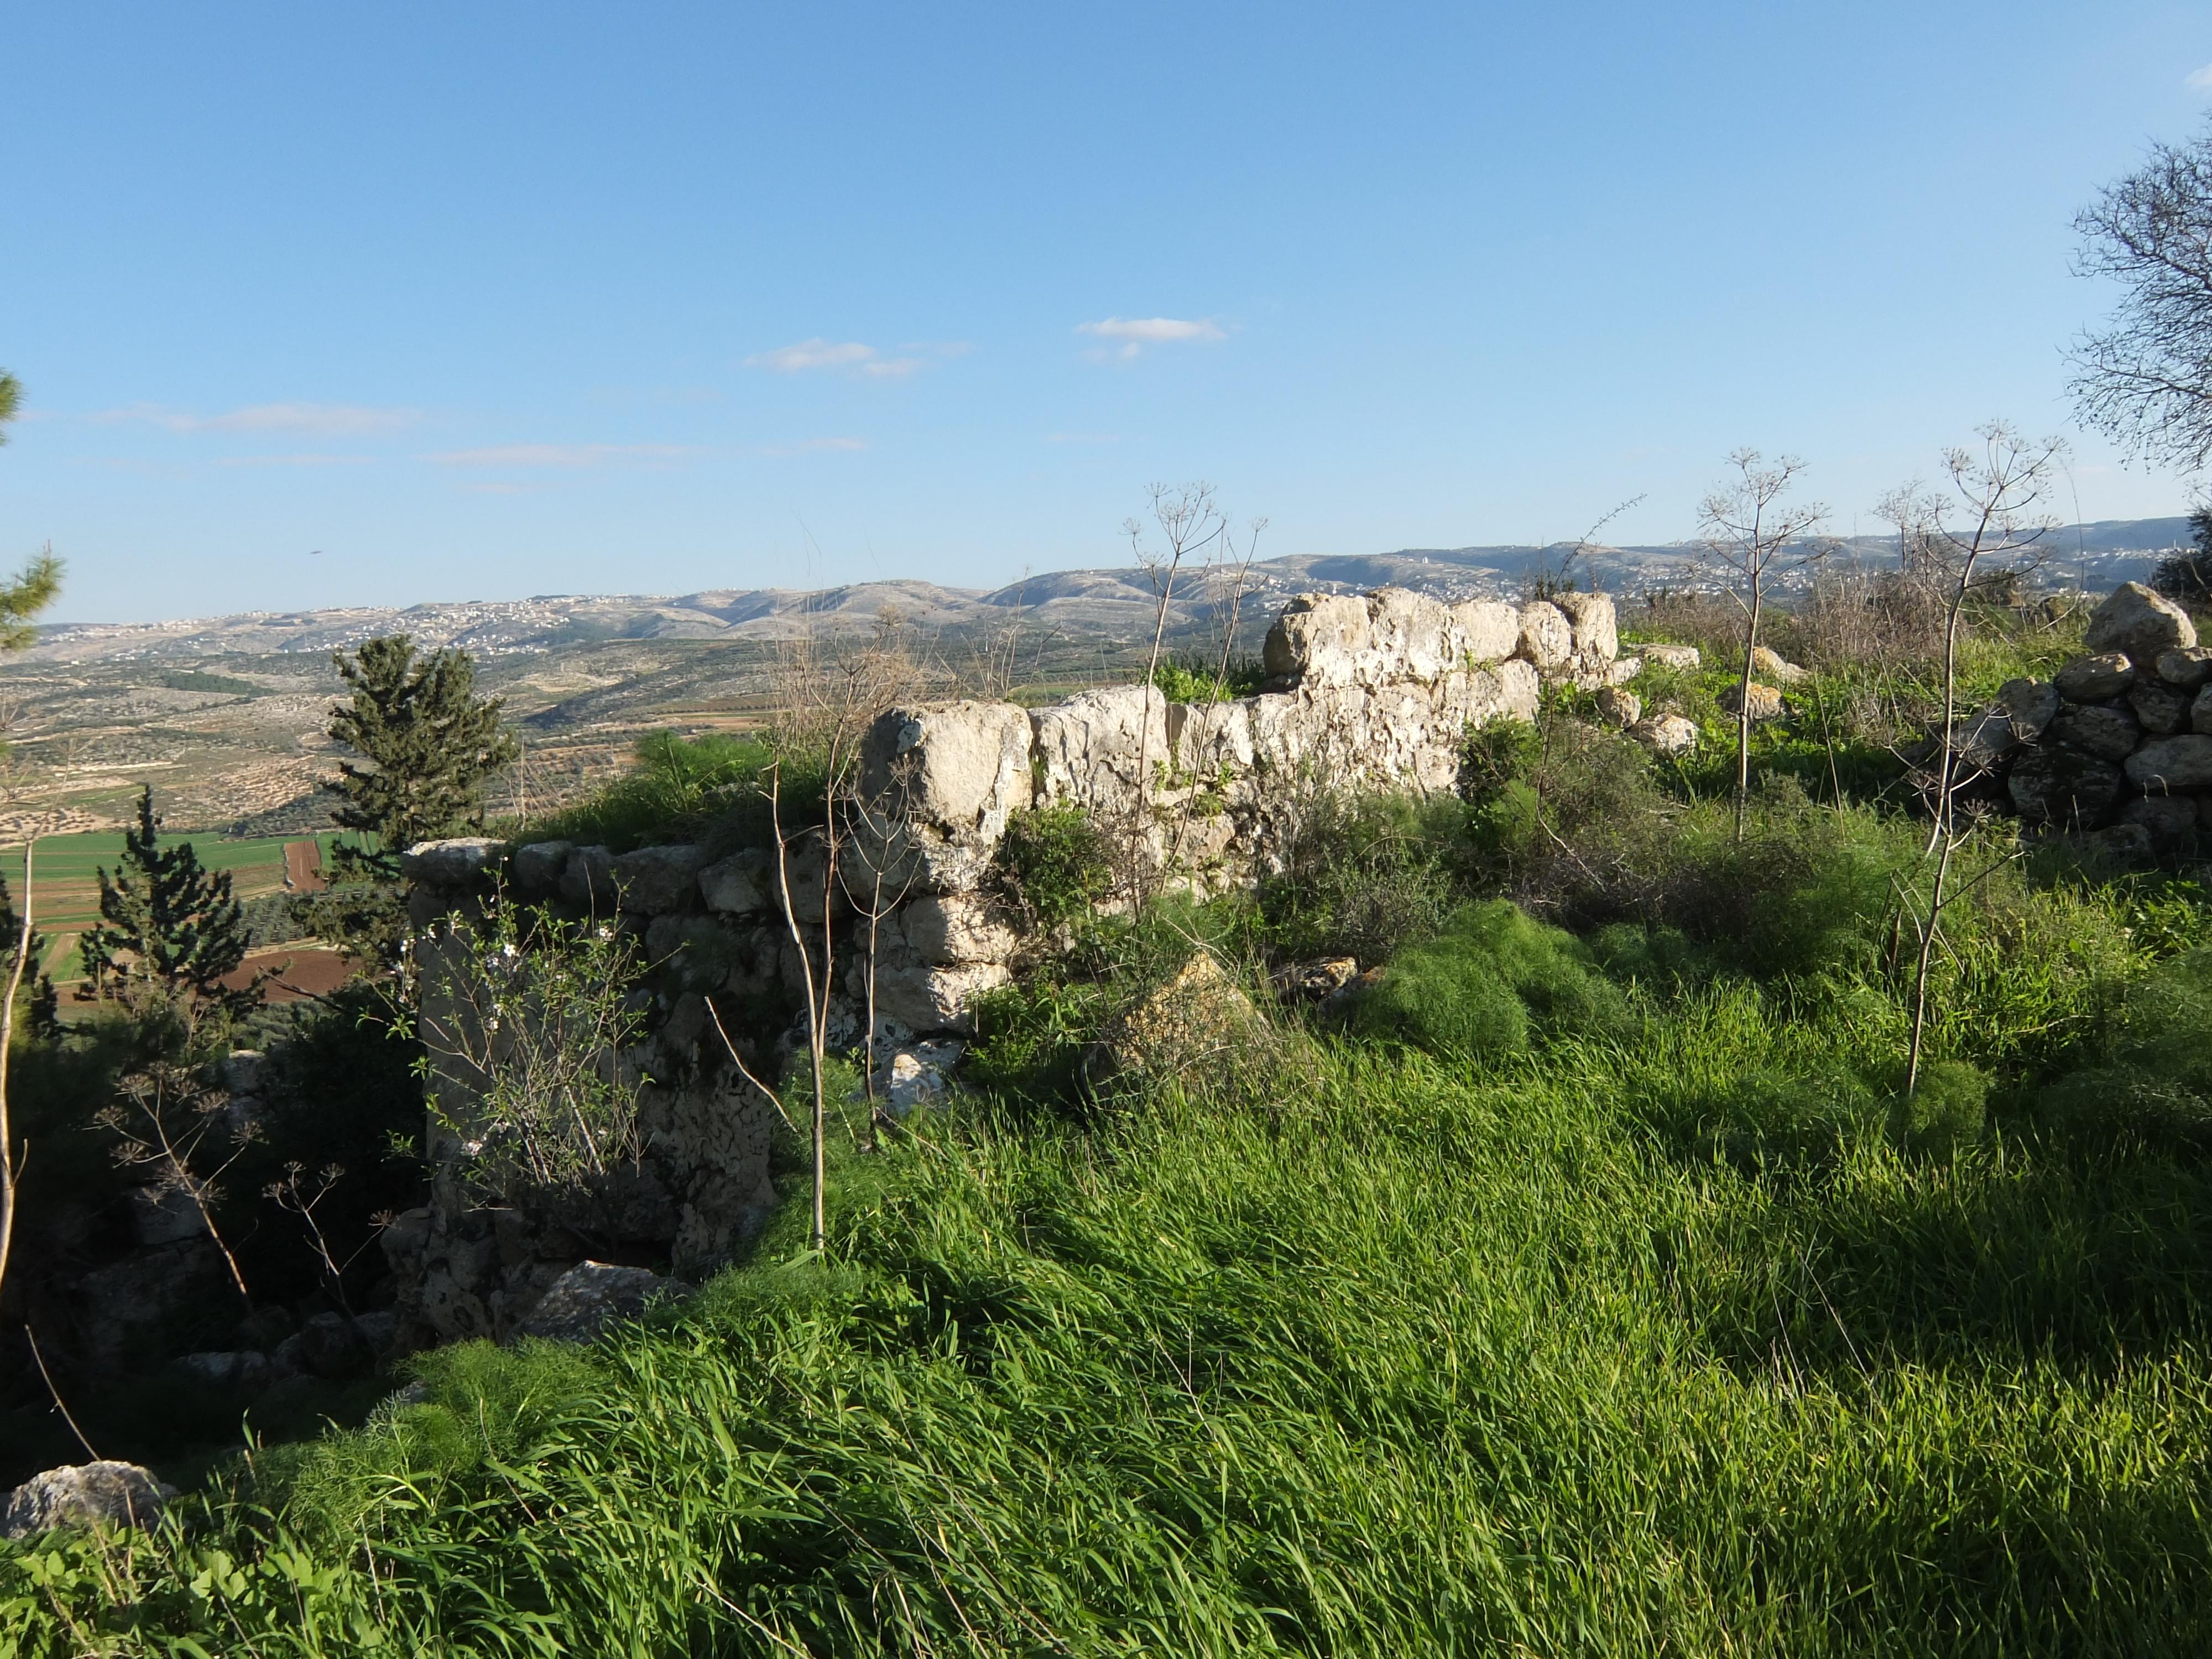 上图:亚杜兰城遗址。